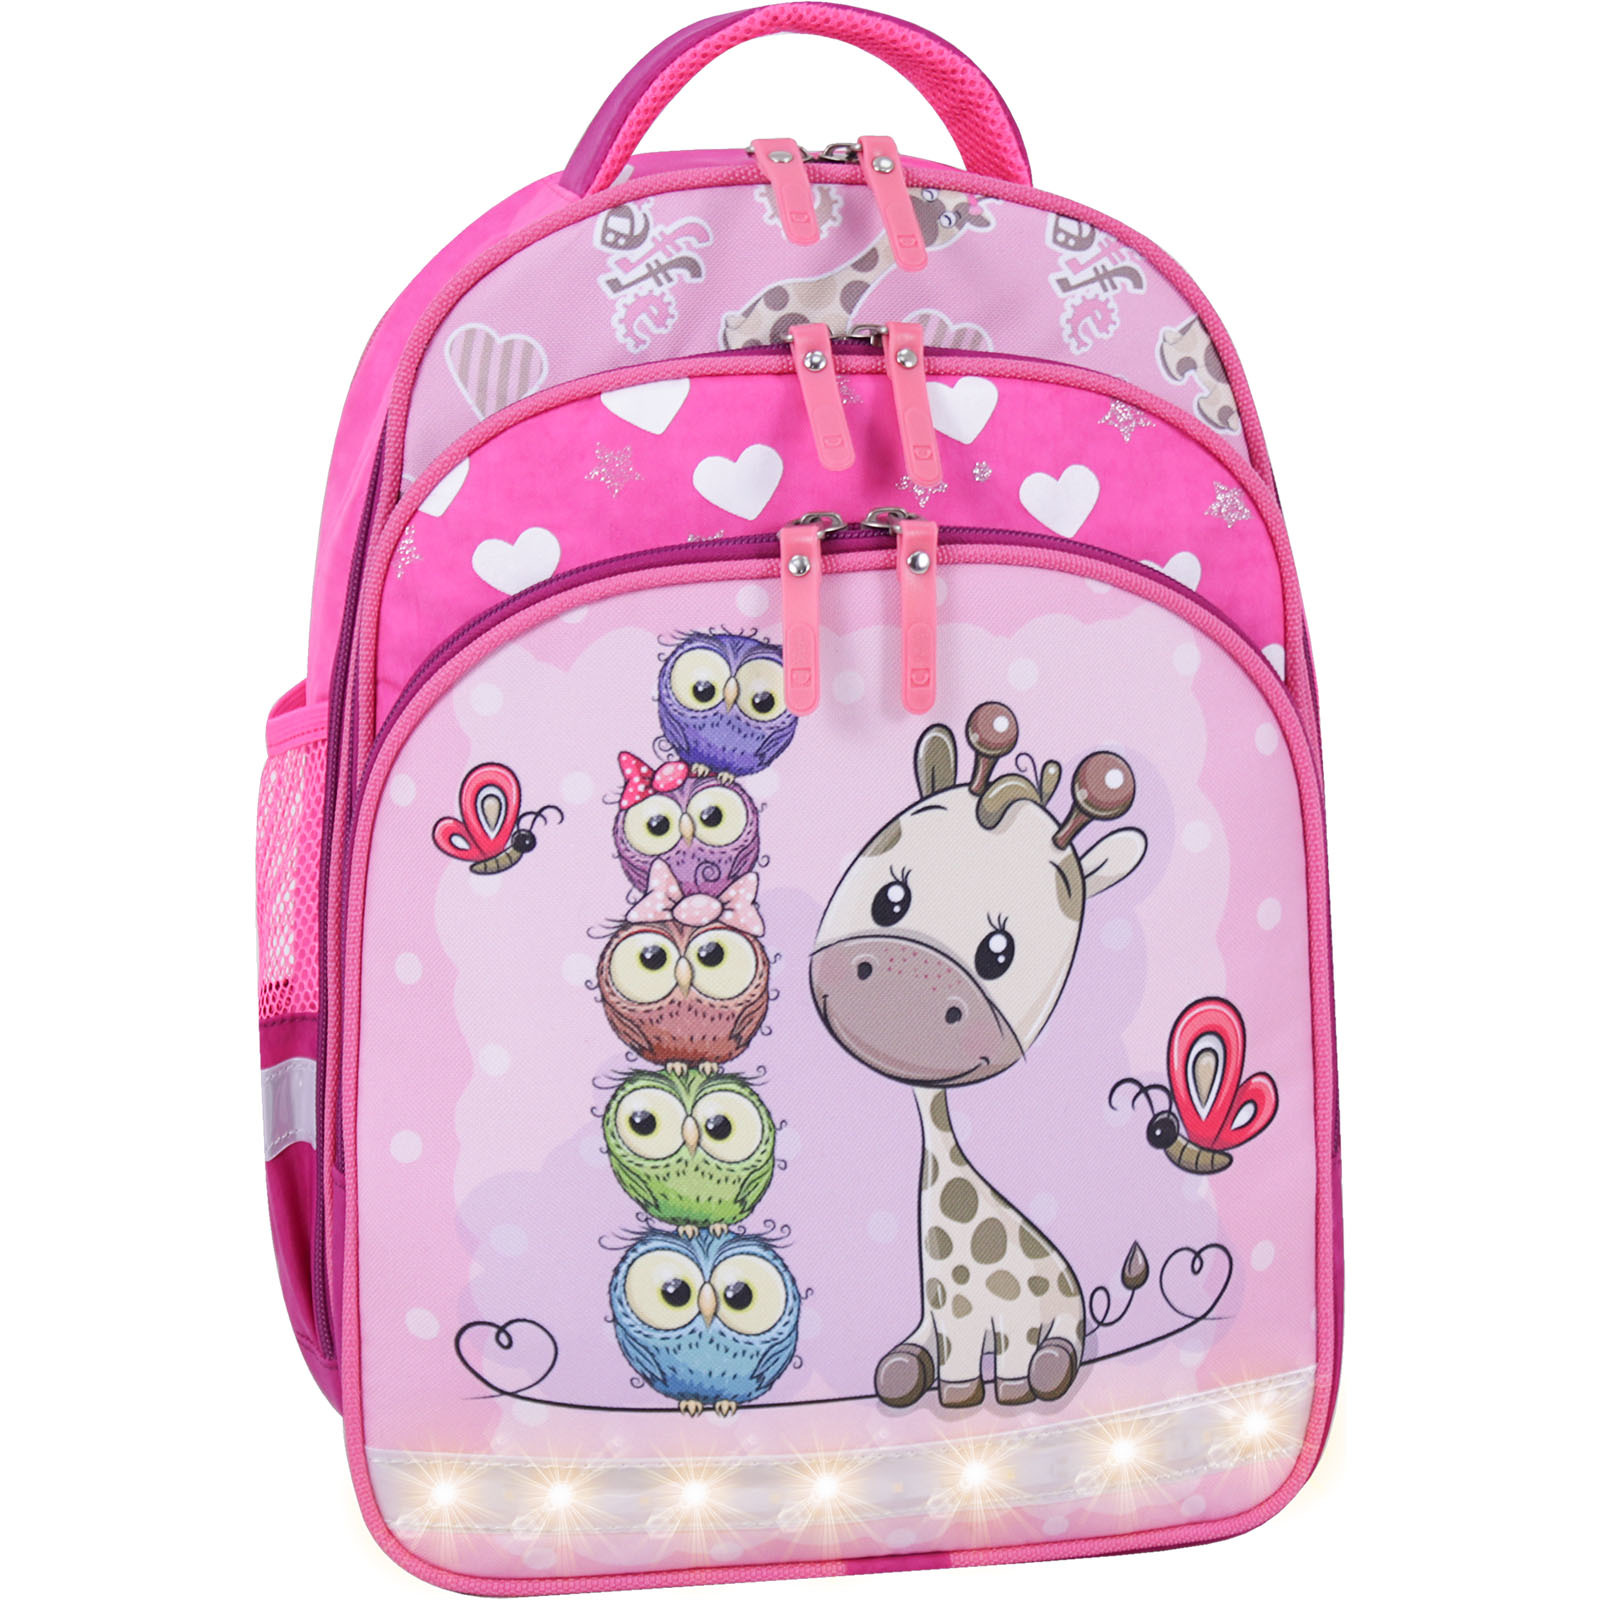 Для детей Рюкзак школьный Bagland Mouse 143 малиновый 682 (00513702) IMG_2363_суб.682_-1600.jpg